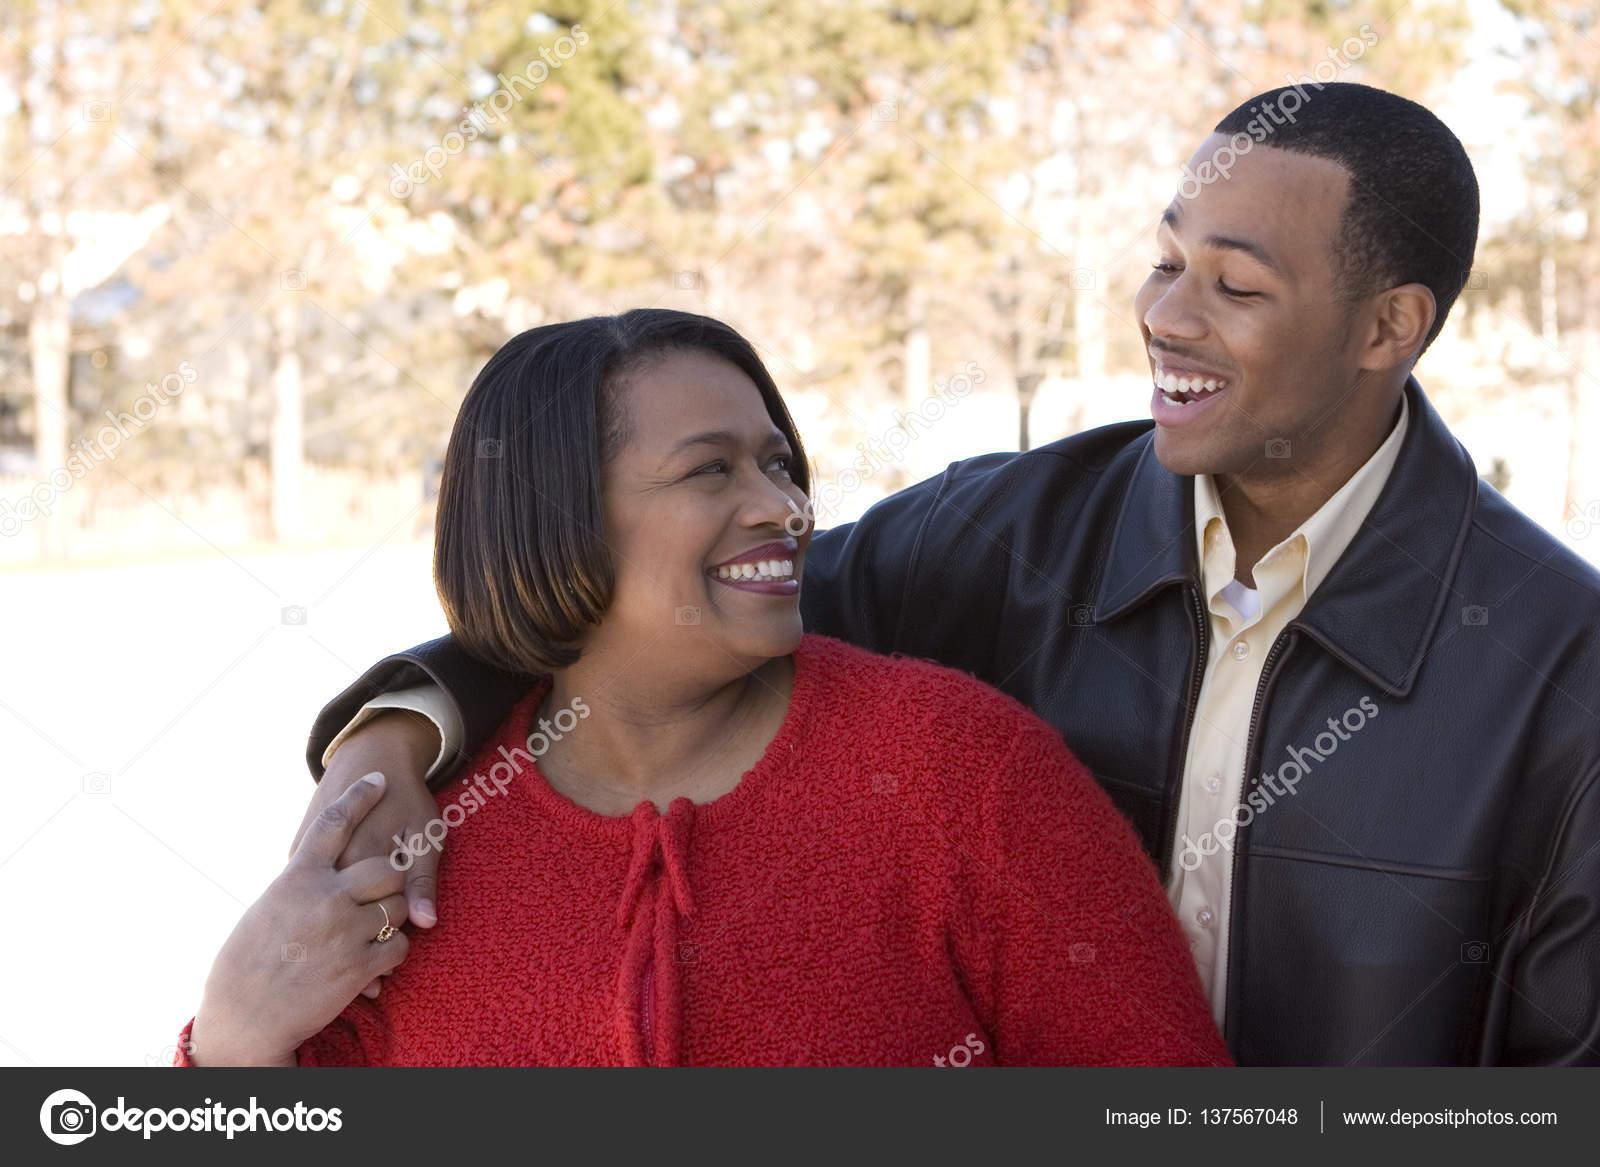 Сын трахает мать негритянку, Мама и негр: порно видео онлайн, смотреть секс ролик 20 фотография